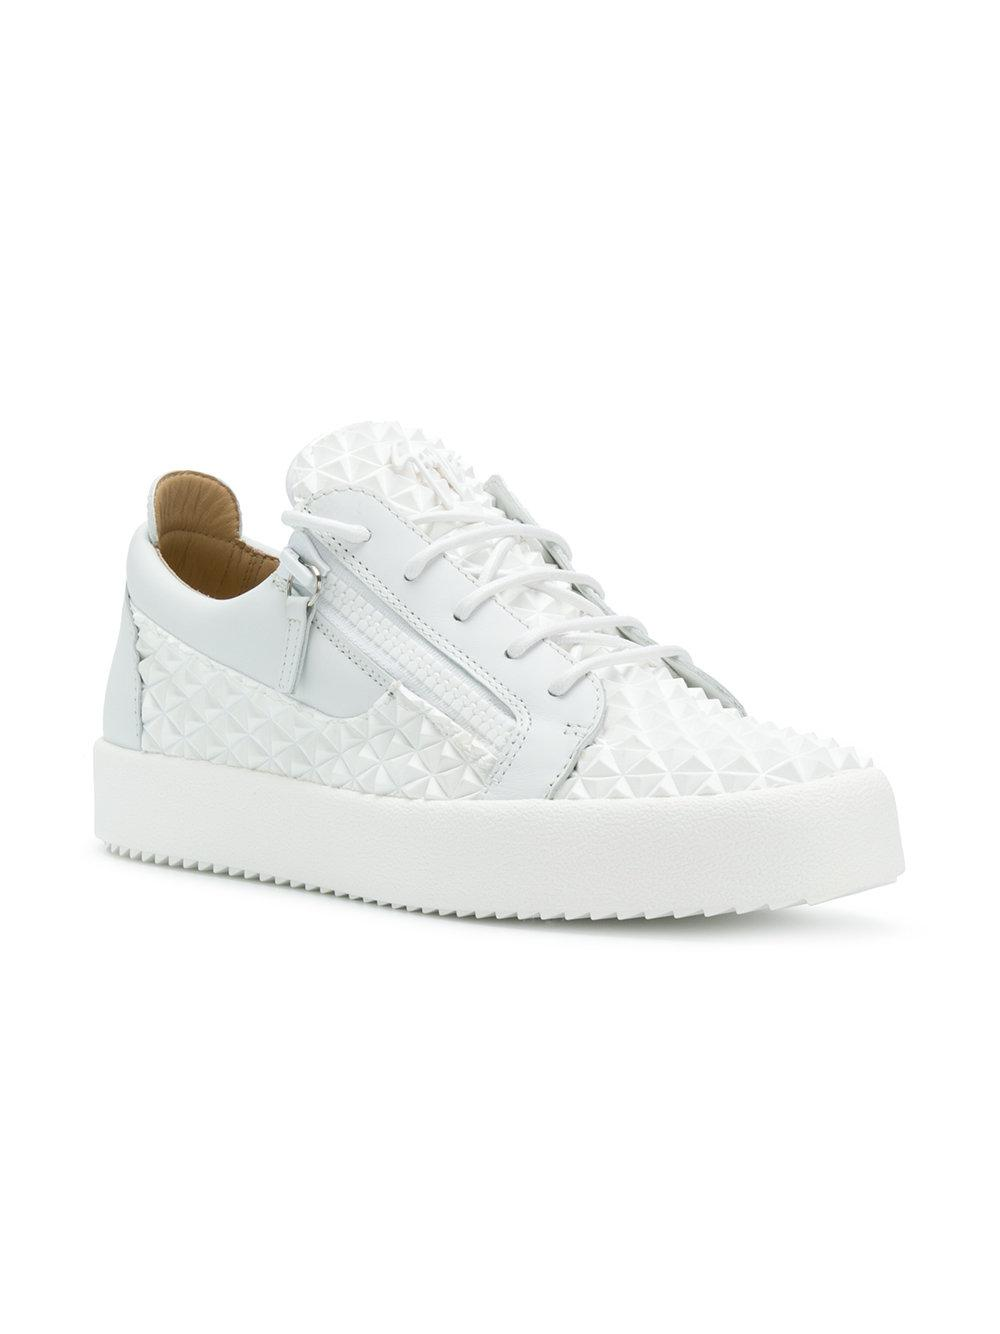 bc8651ec28452 Giuseppe Zanotti Frankie Manhattan Sneakers in White for Men - Lyst